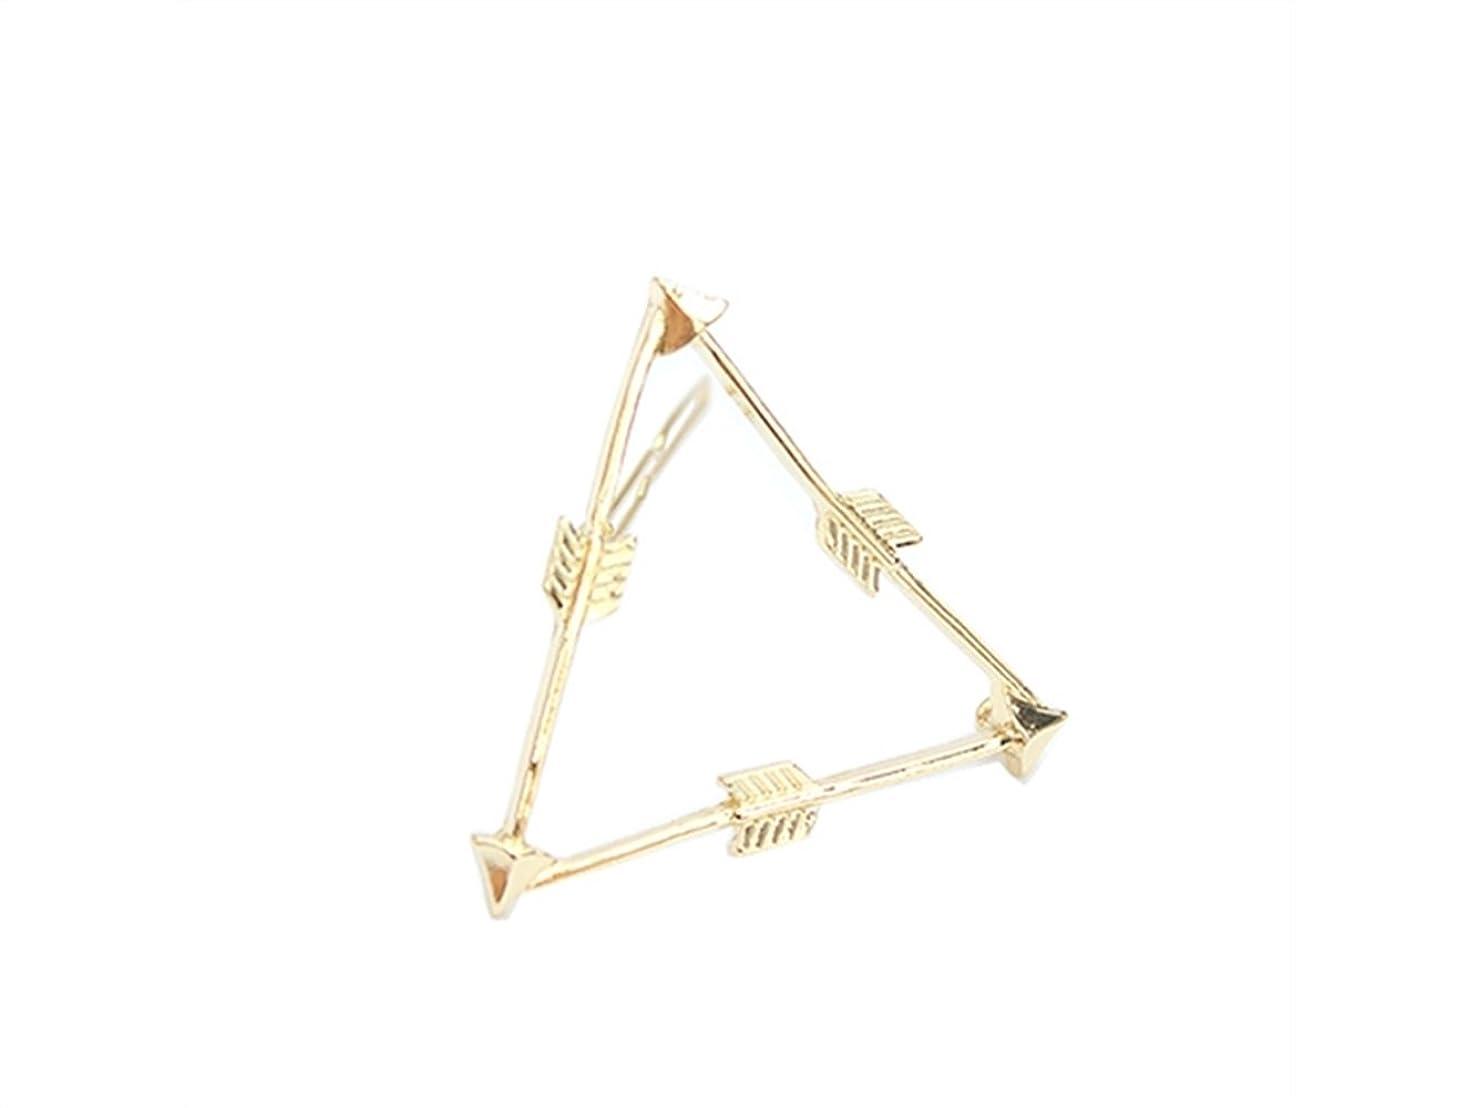 むさぼり食ういいね敵Osize 美しいスタイル 弓と矢トライアングルヘアクリップサイドクリップヘアピンヘアアクセサリー(図示)